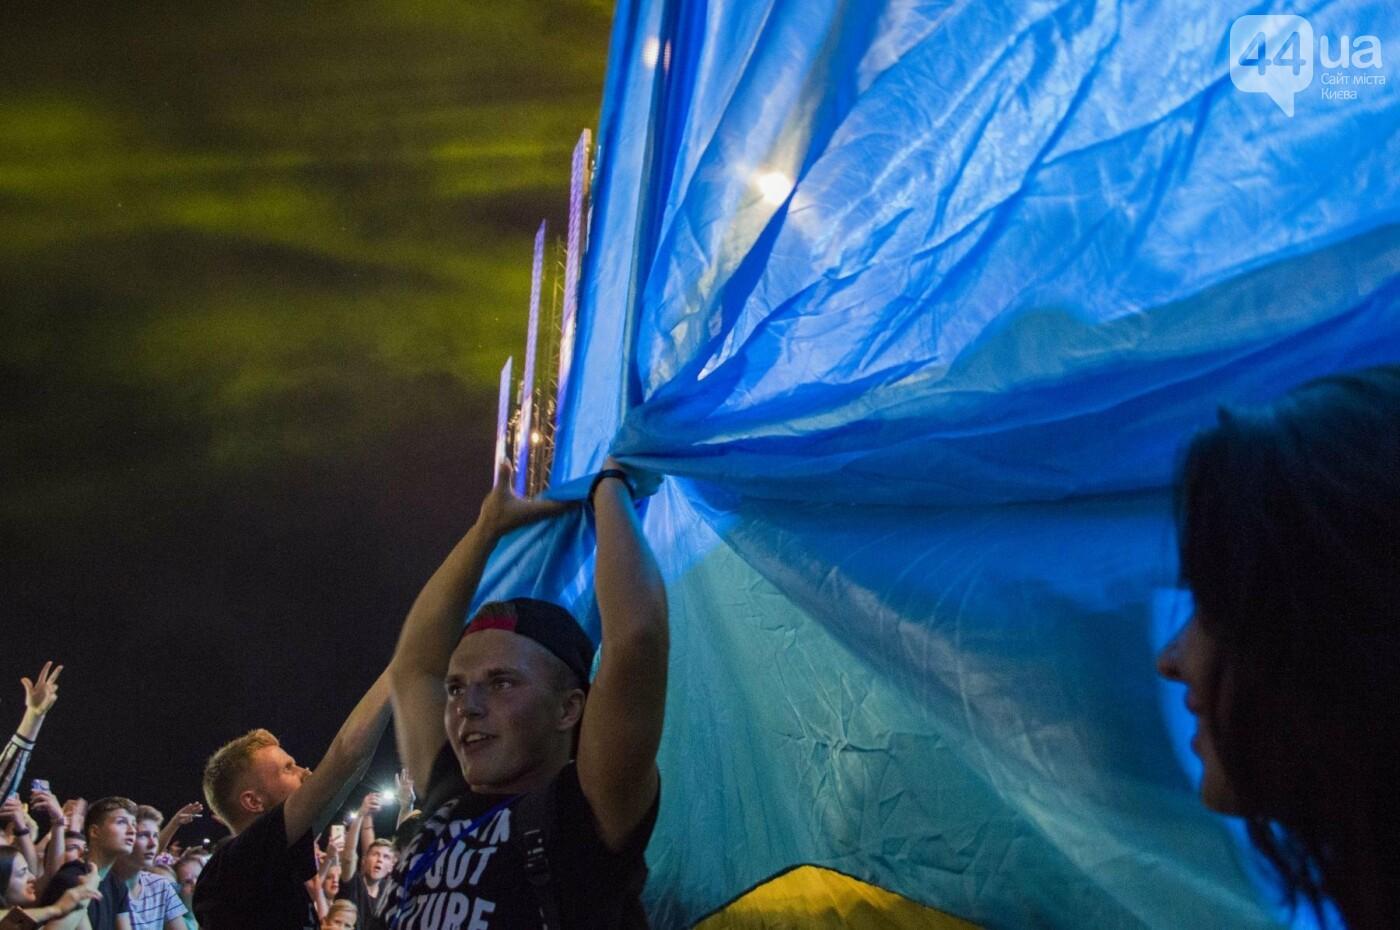 """Взрывные """"MOZGI"""", патриотичный Ярмак и воздушный шар: как в Киеве отгремел первый SolomaFest, фото-27"""